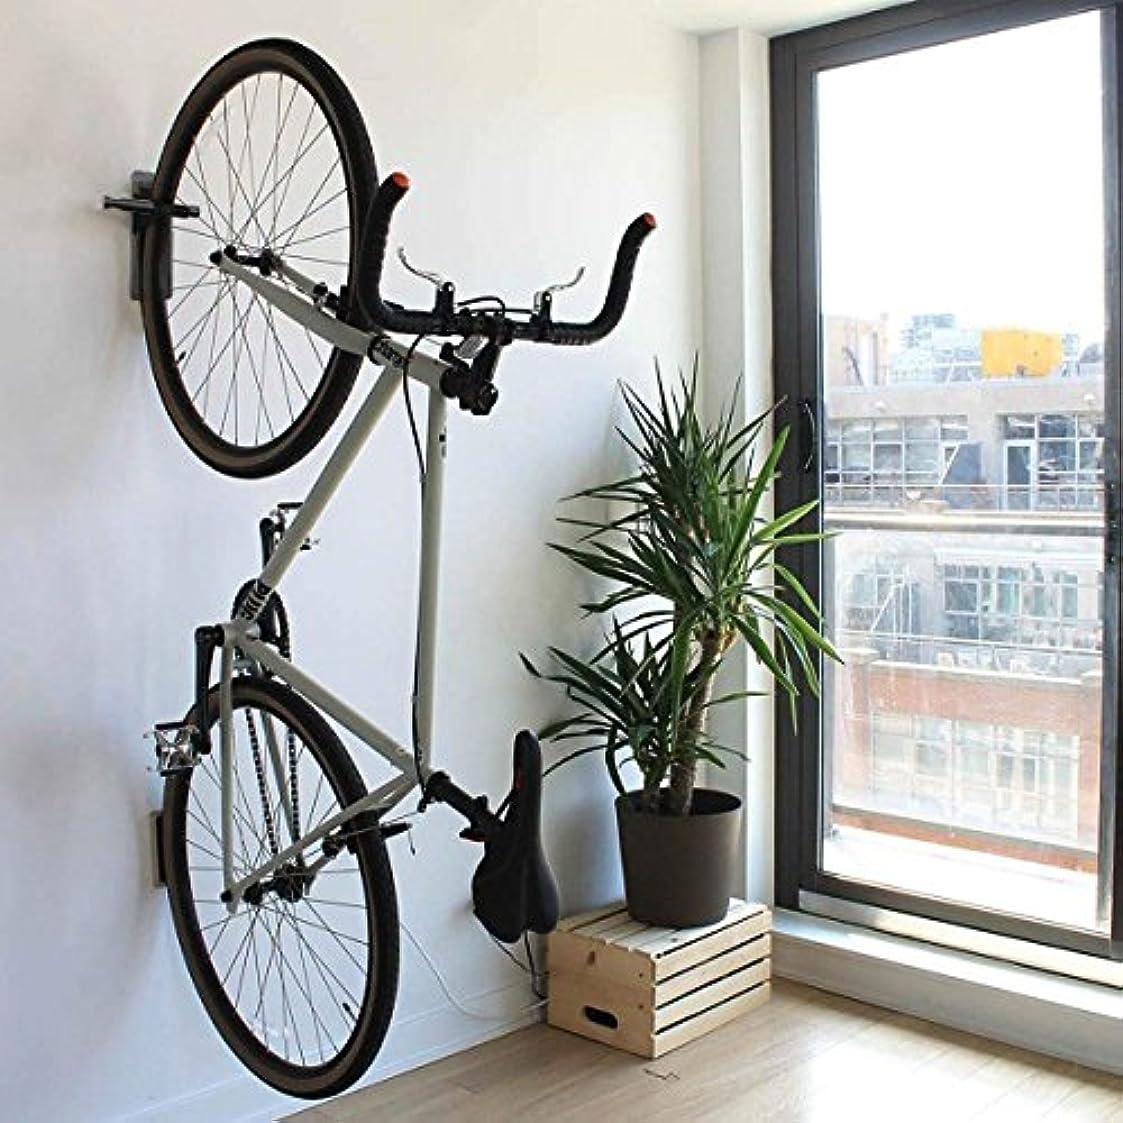 兄弟愛連帯遊び場Maxfind ペダルフック デラックス 自転車ラック ガレージ 壁掛け 自転車ハンガー 収納 水平